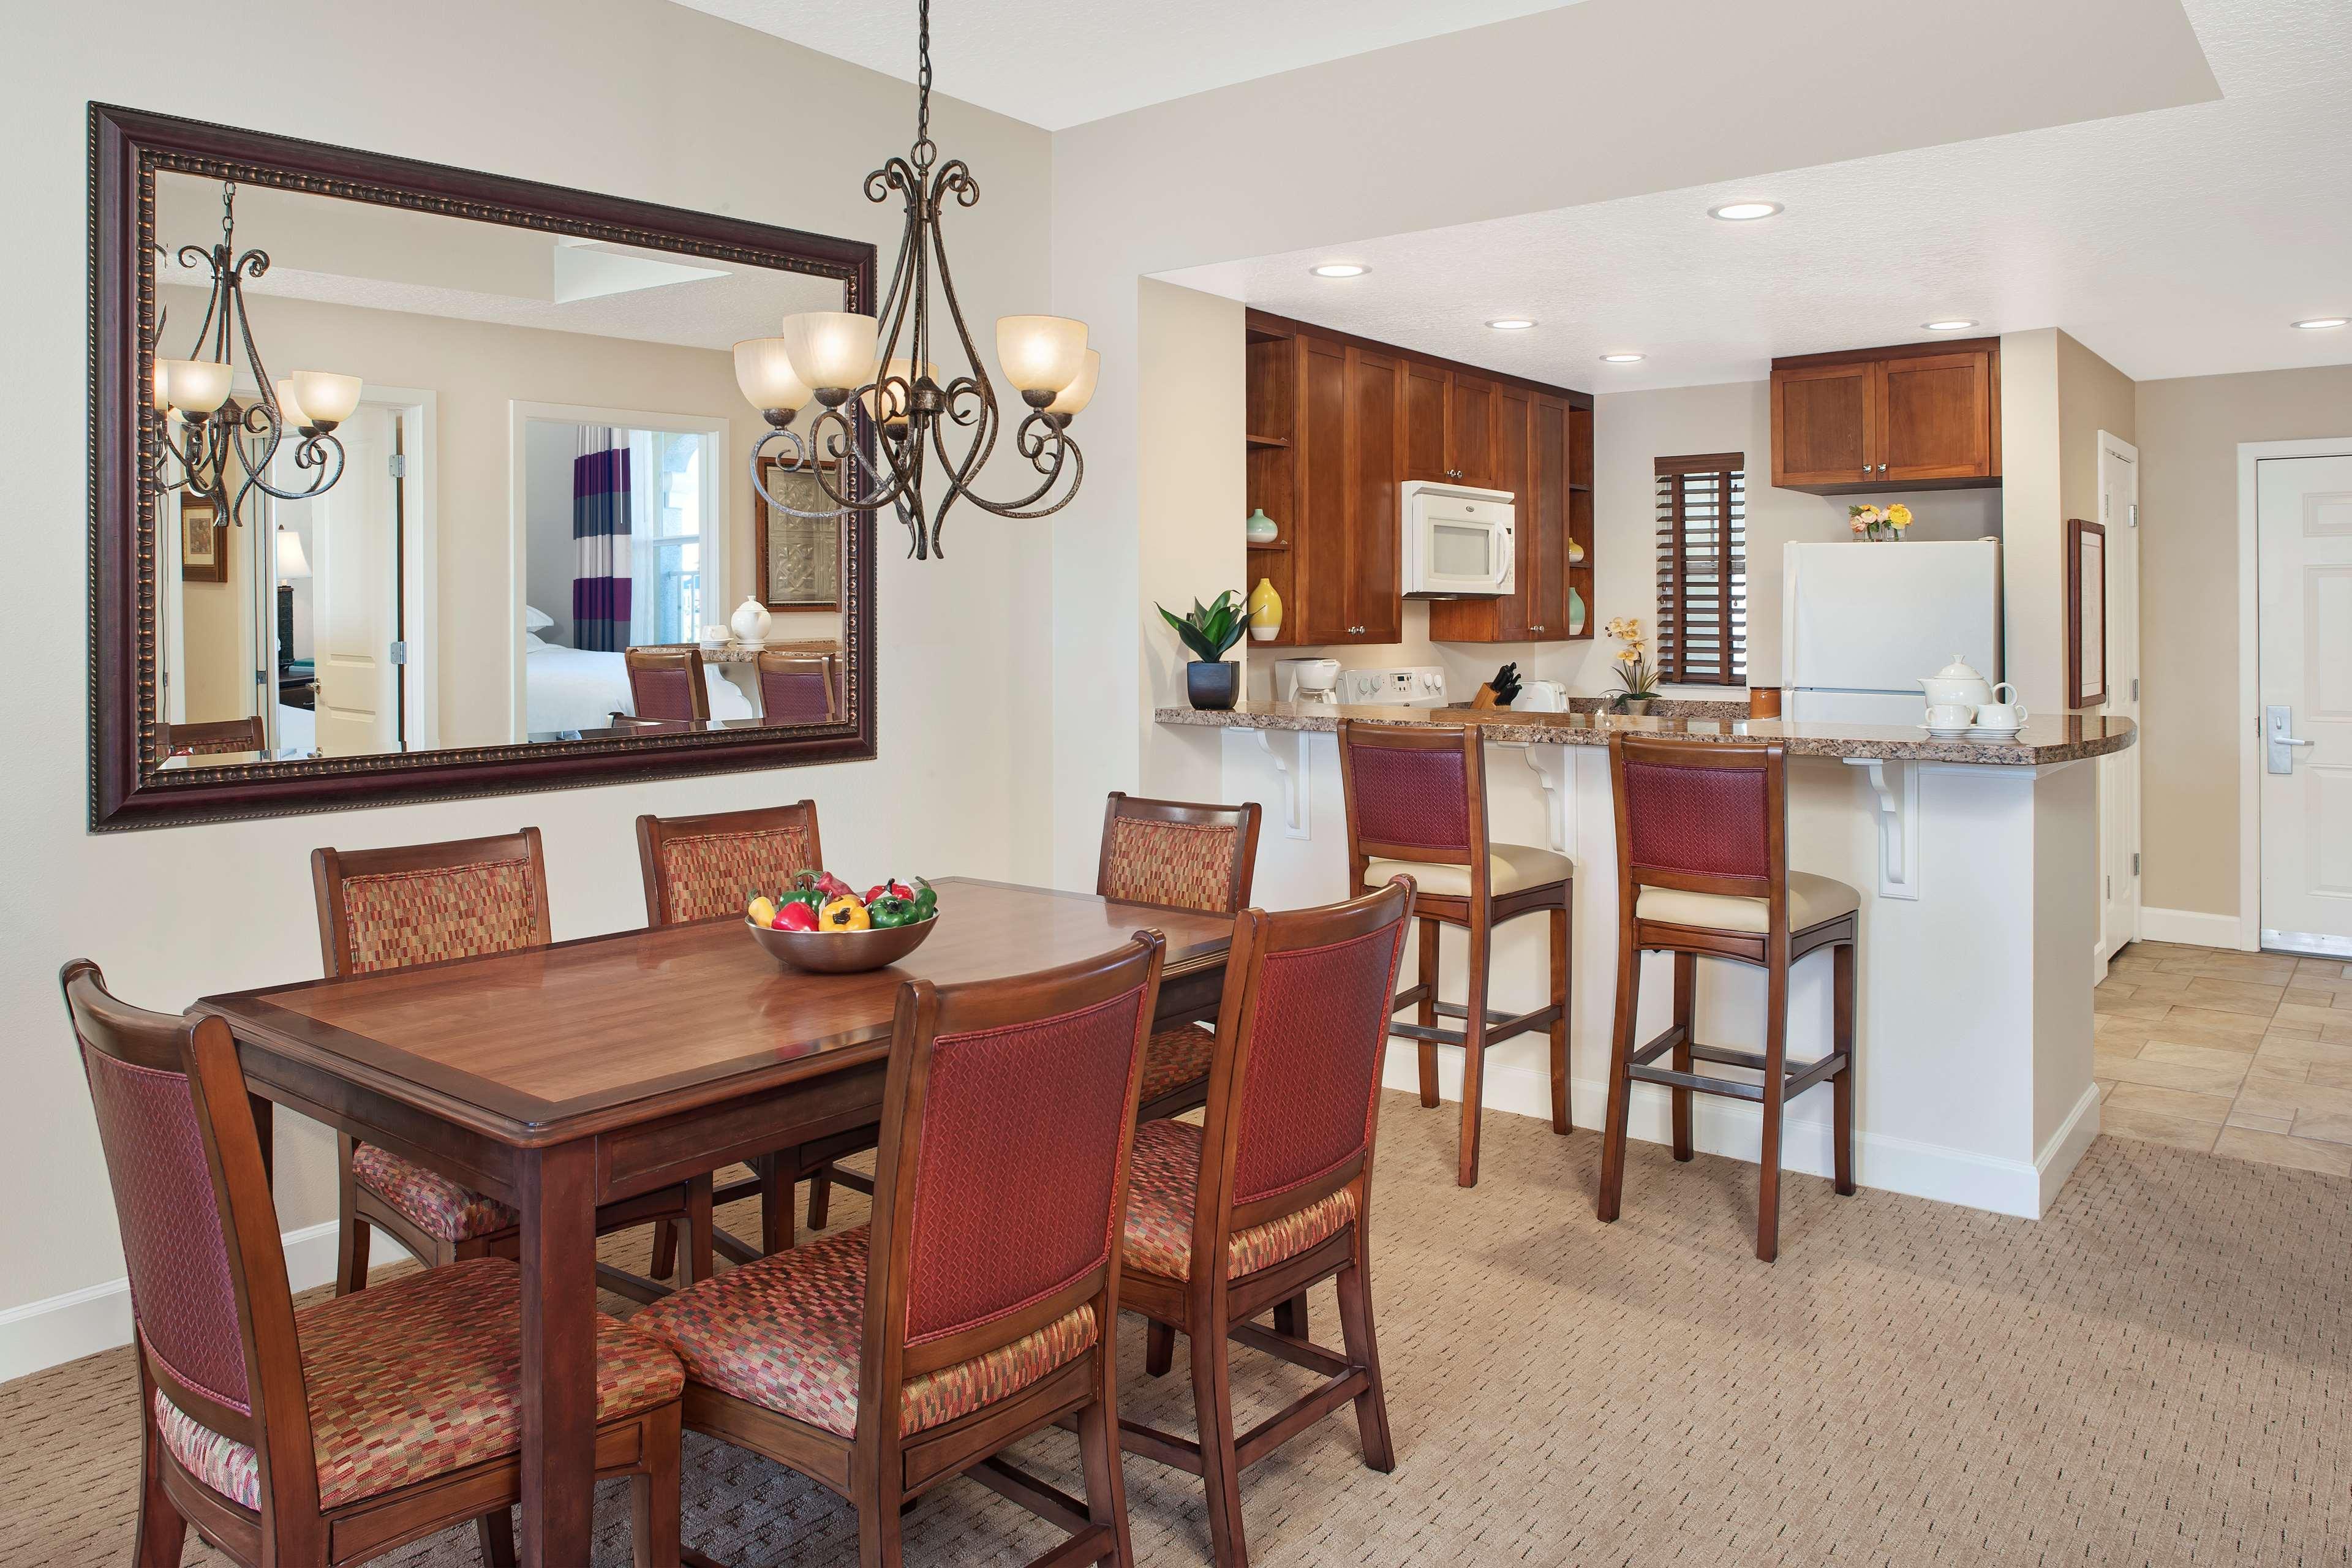 Amelia Phase Dining/Kitchen Area